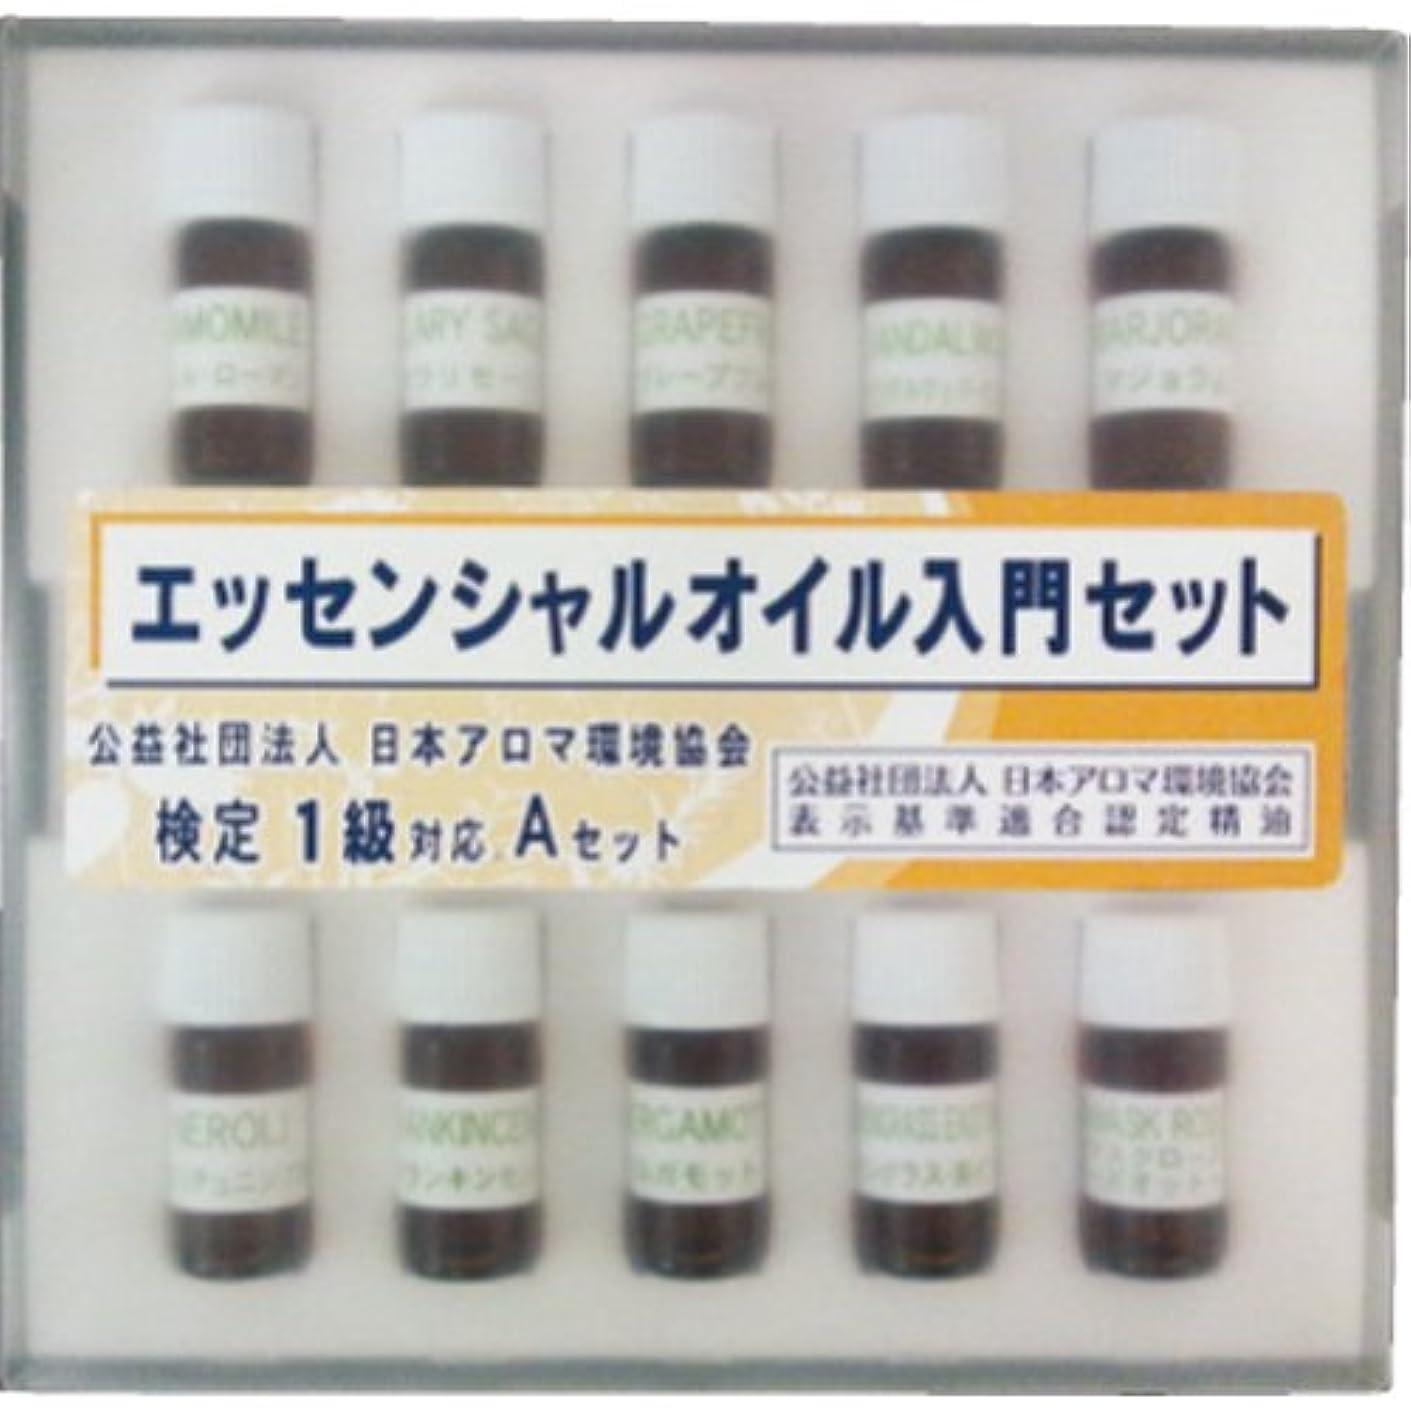 リー工場コンペ生活の木 (公社)日本アロマ環境協会資格試験対応セット 検定1級対応Aセット